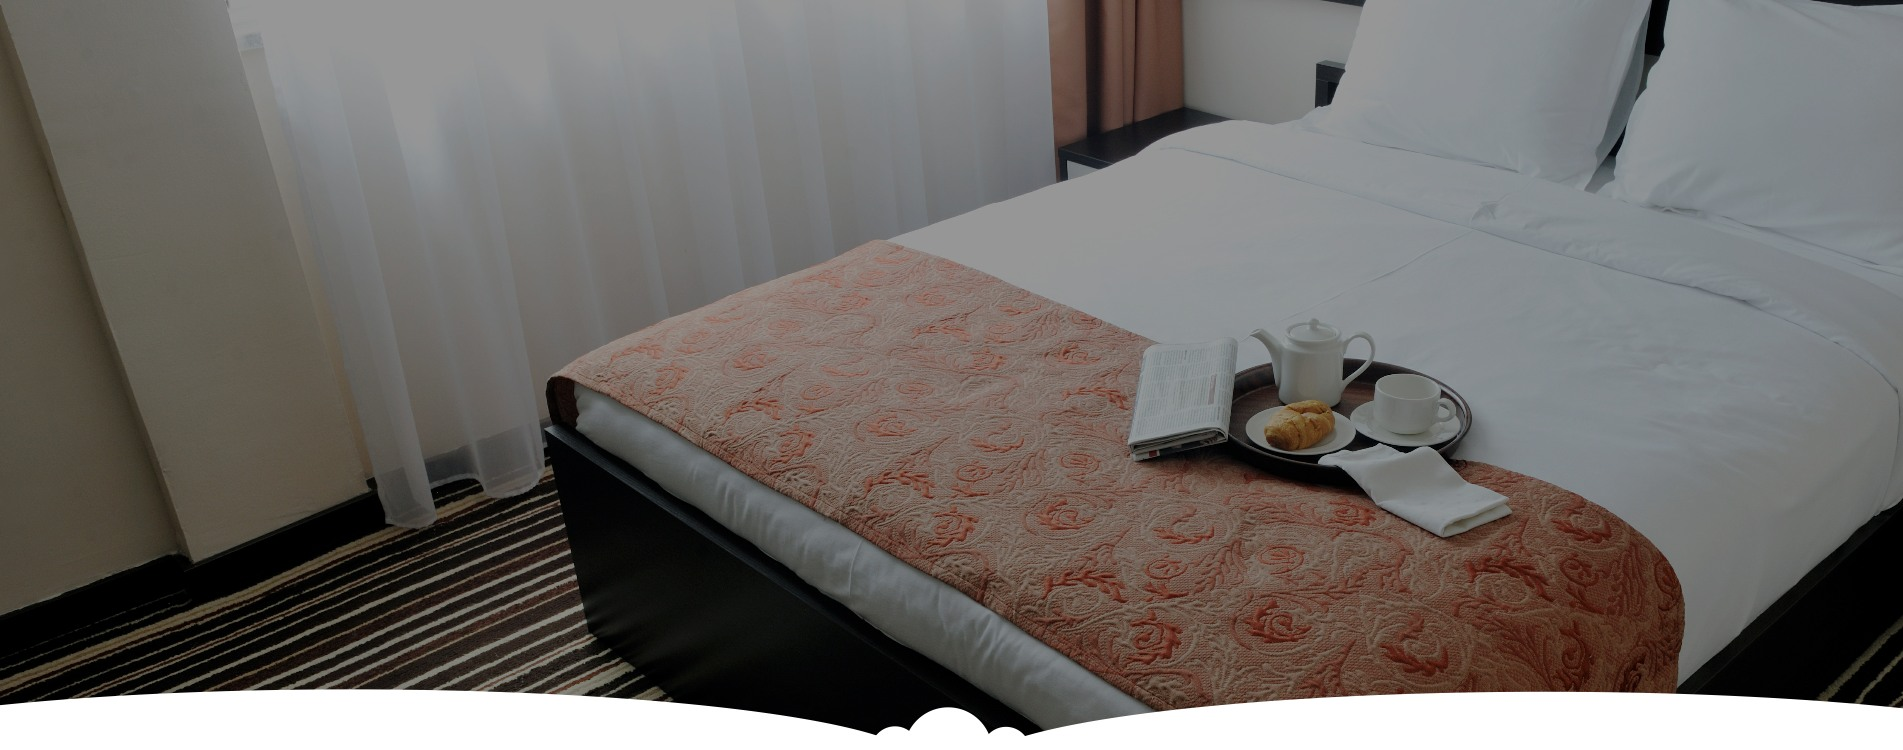 Materassi Aosta.Materassi Aosta Vendita Materassi Reti Letti E Guanciali